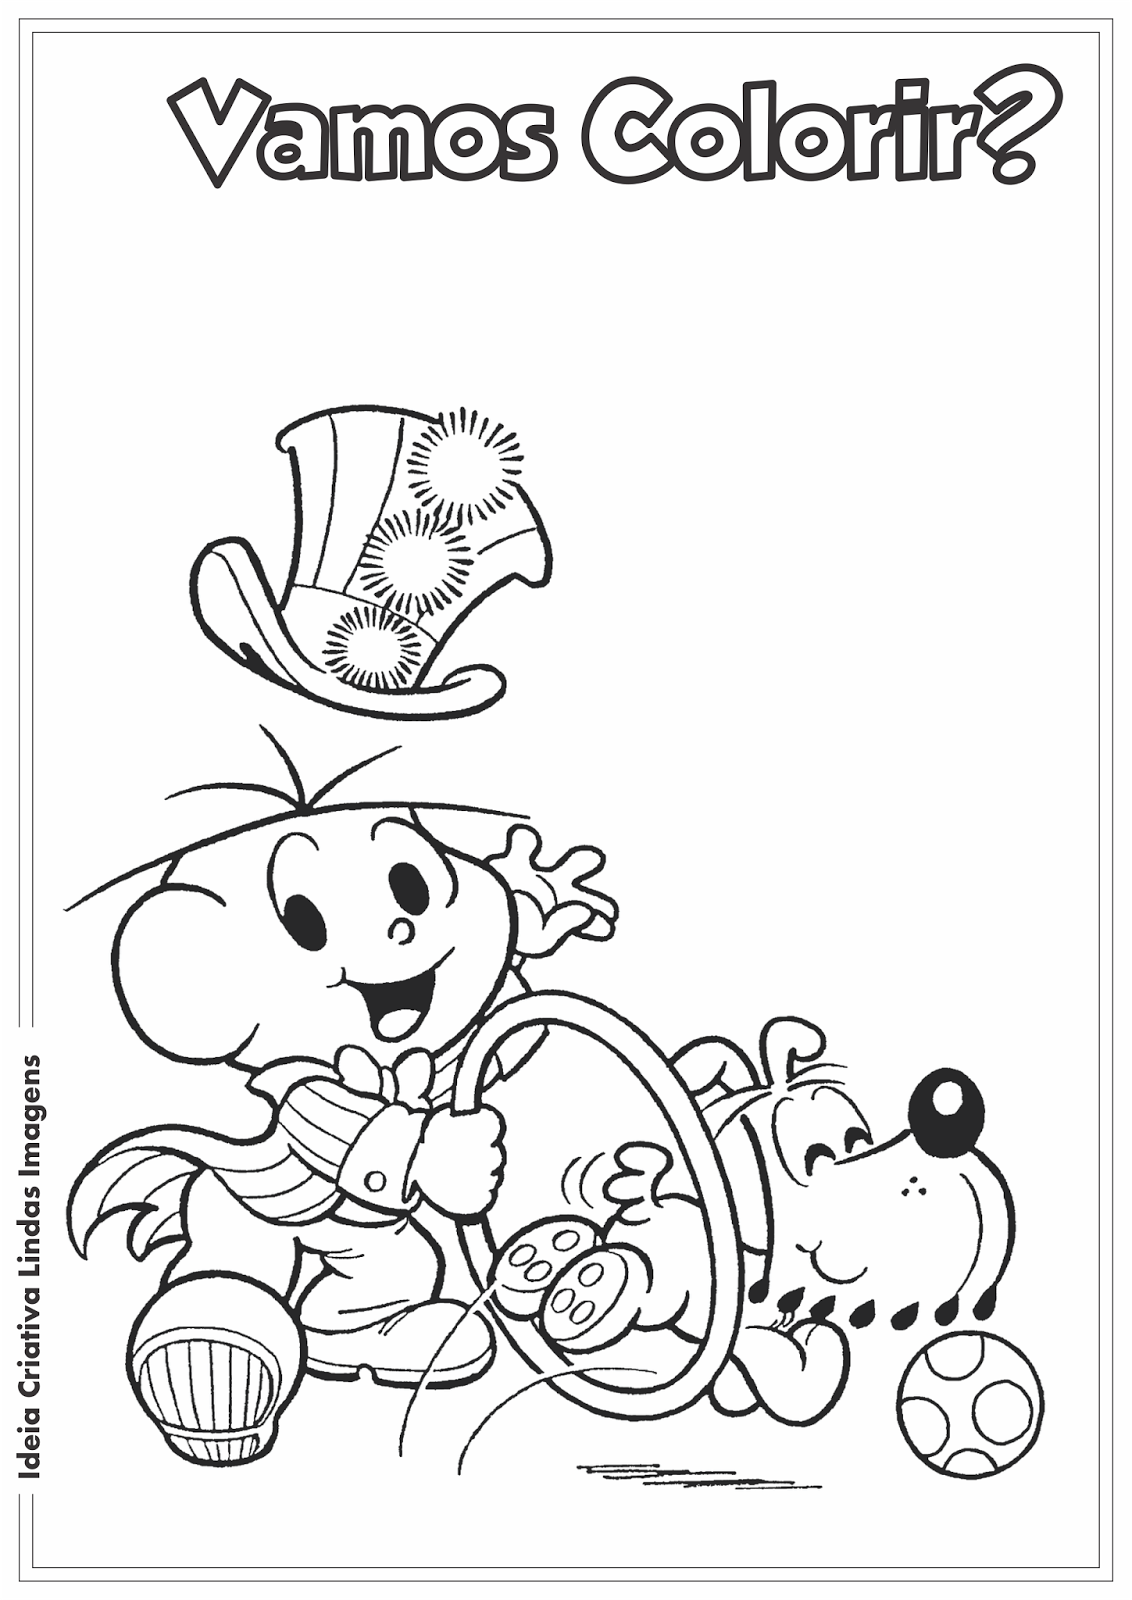 Turma da Mônica - Dia do Circo - Cebolinha e Bidu desenho para colorir